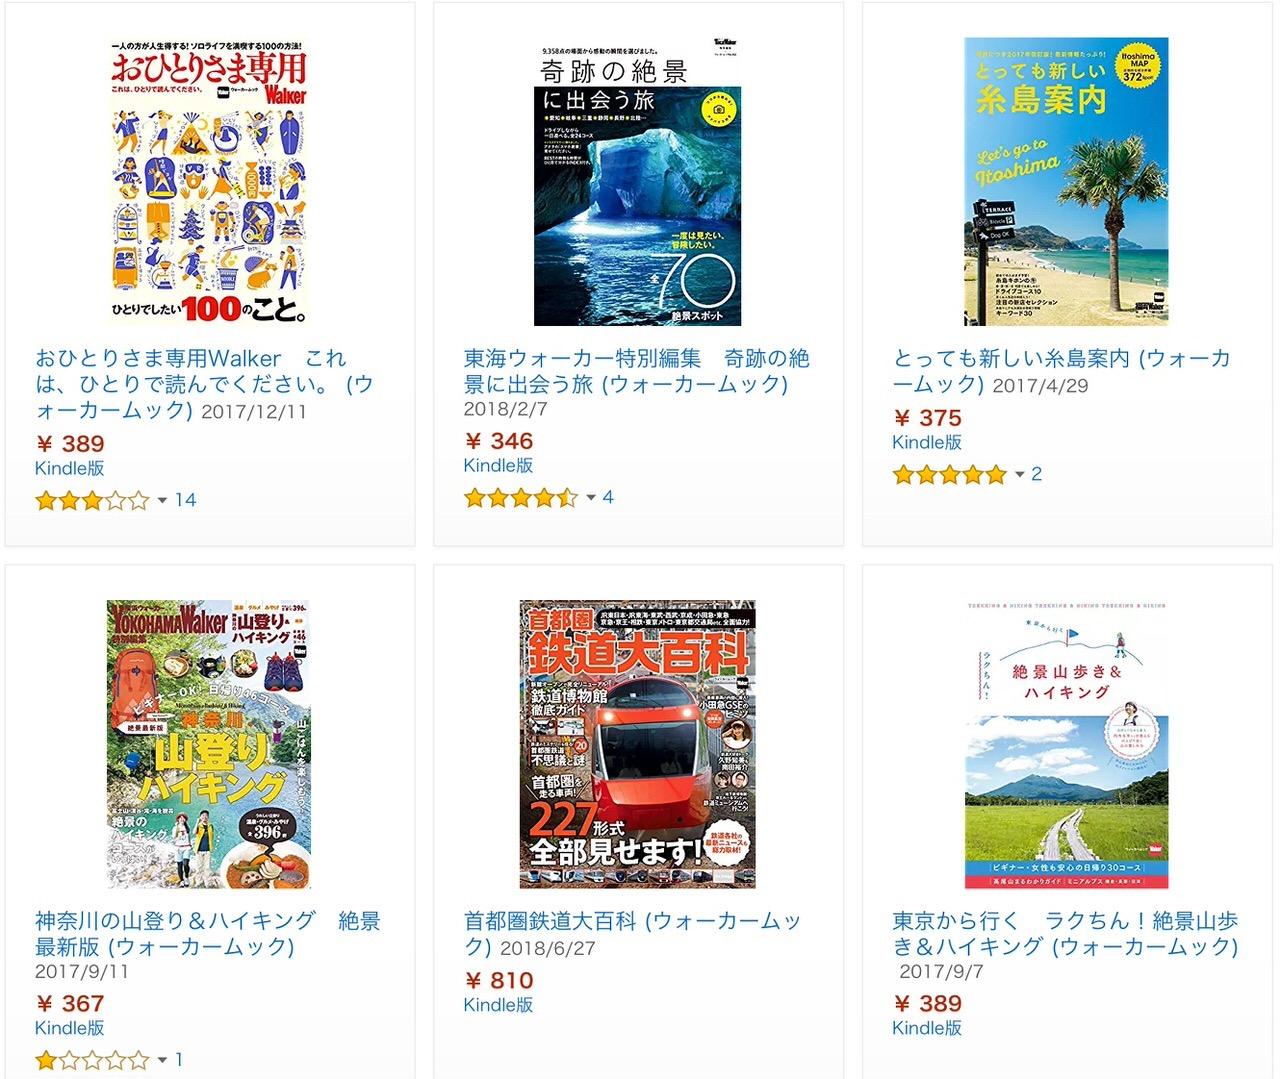 【Kindleセール】最大70%OFF「冬だから!温泉&おでかけフェア」(12/13まで)